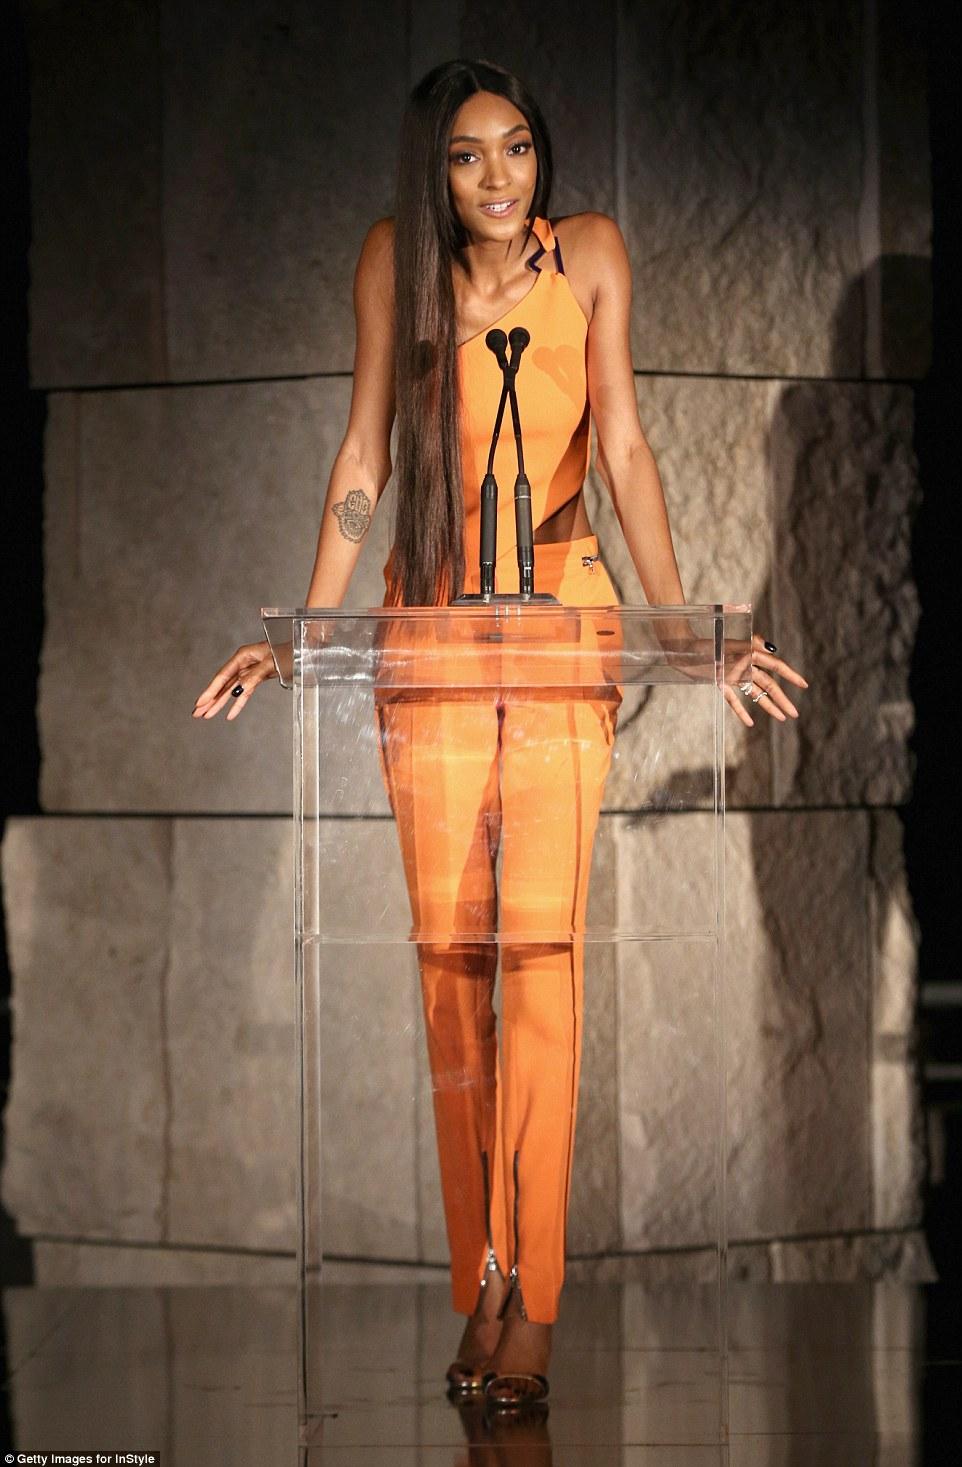 Tomando o estágio: O modelo elegante subiu ao palco no seu conjunto laranja atraente